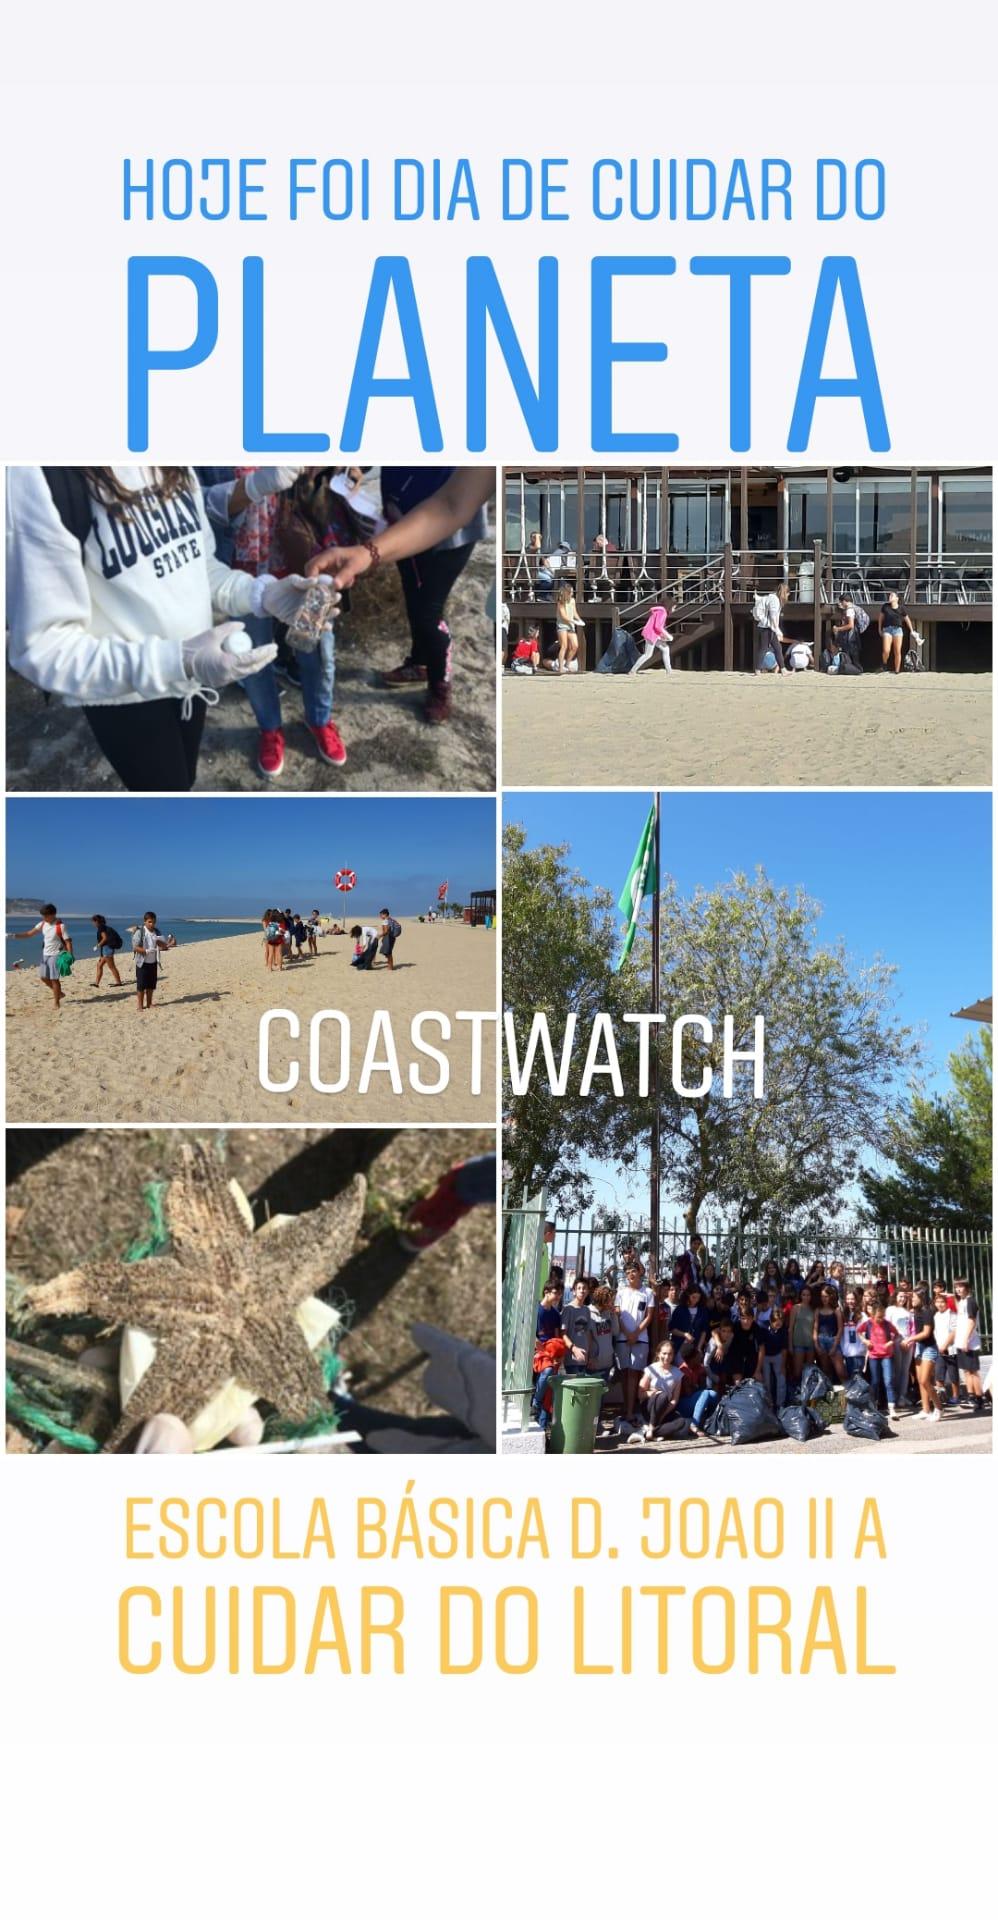 Global Action Days comemorado na Escola Básica D. João II, Caldas da Rainha com observação do litoral e recolha de resíduos.